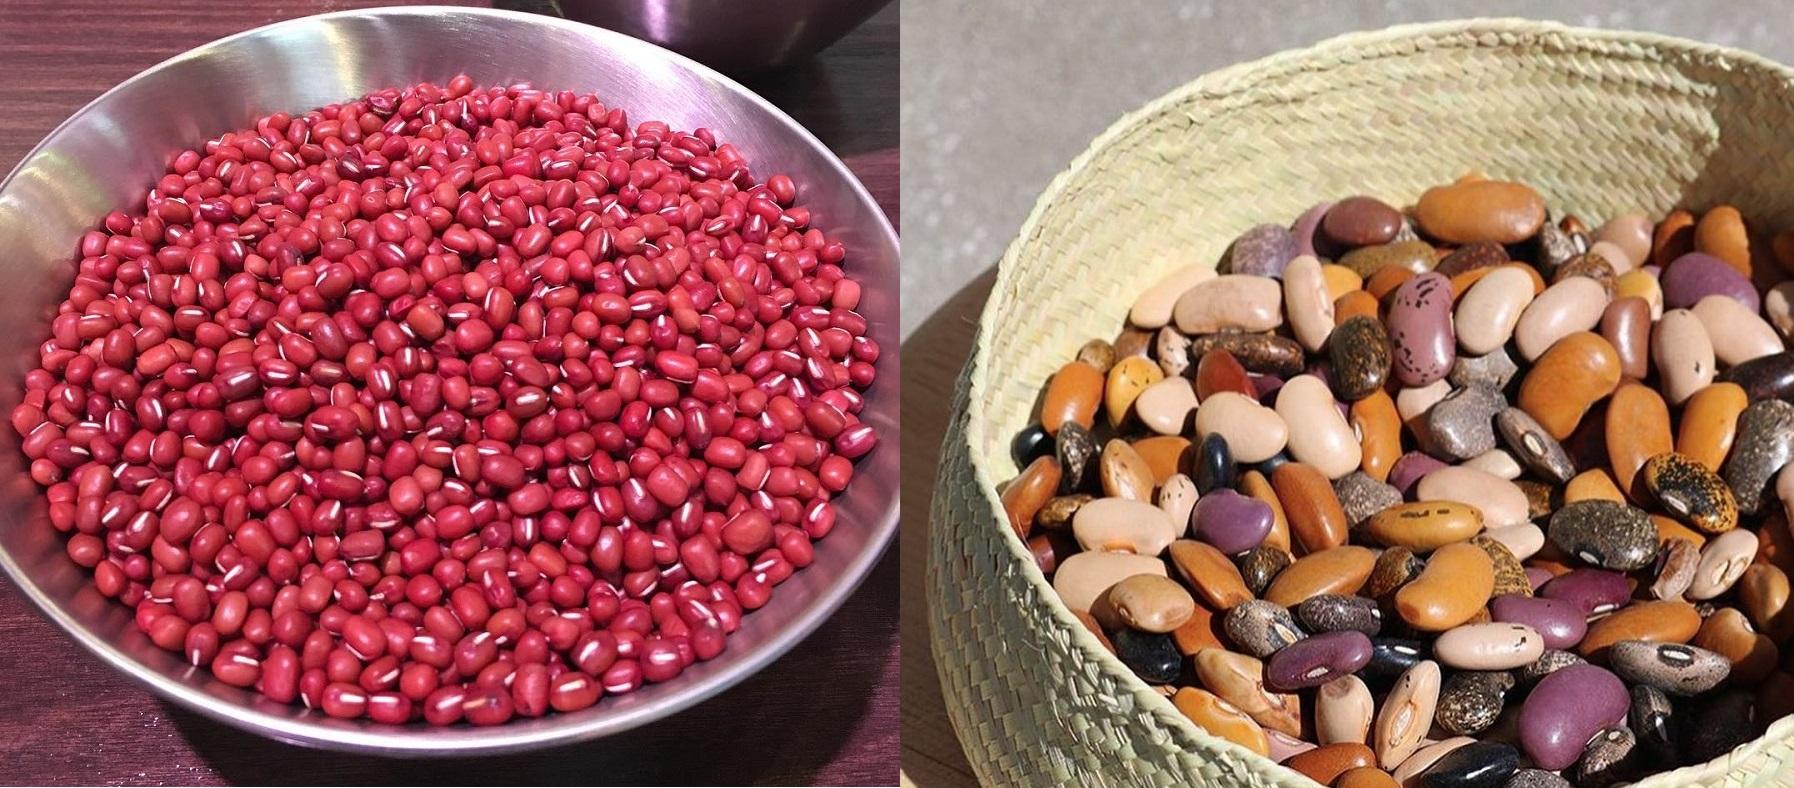 Tại sao phải ngâm các loại đậu, đỗ trước khi nấu và ngâm như thế nào cho đúng cách?